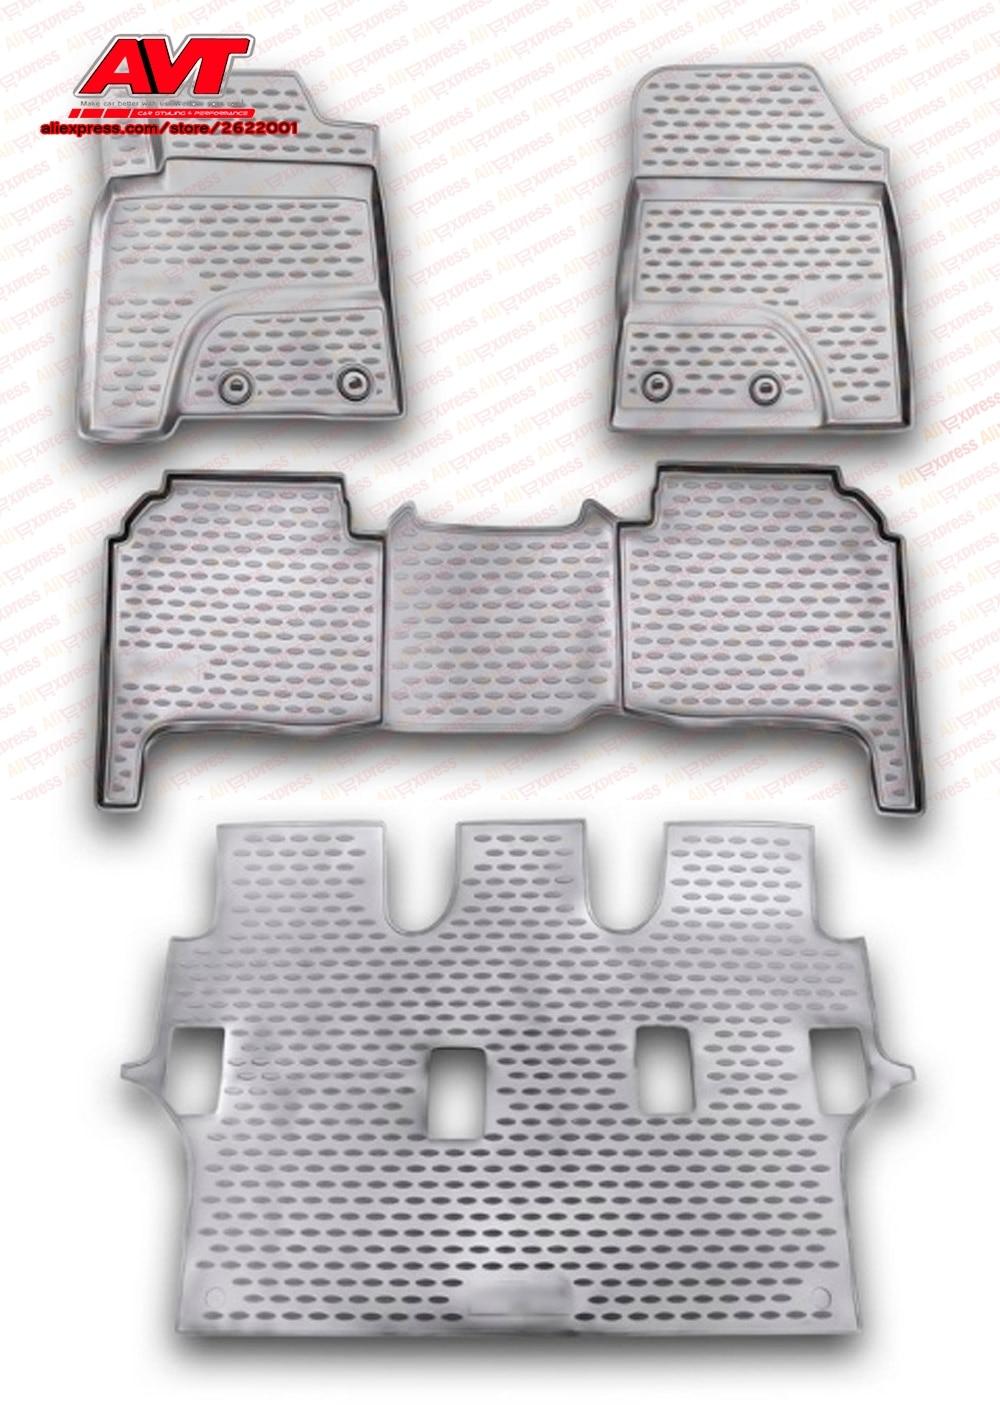 Tapis de sol pour Toyota Land Cruiser 200 2007-2012 4 pièces en caoutchouc tapis en caoutchouc antidérapant intérieur voiture accessoires de coiffure